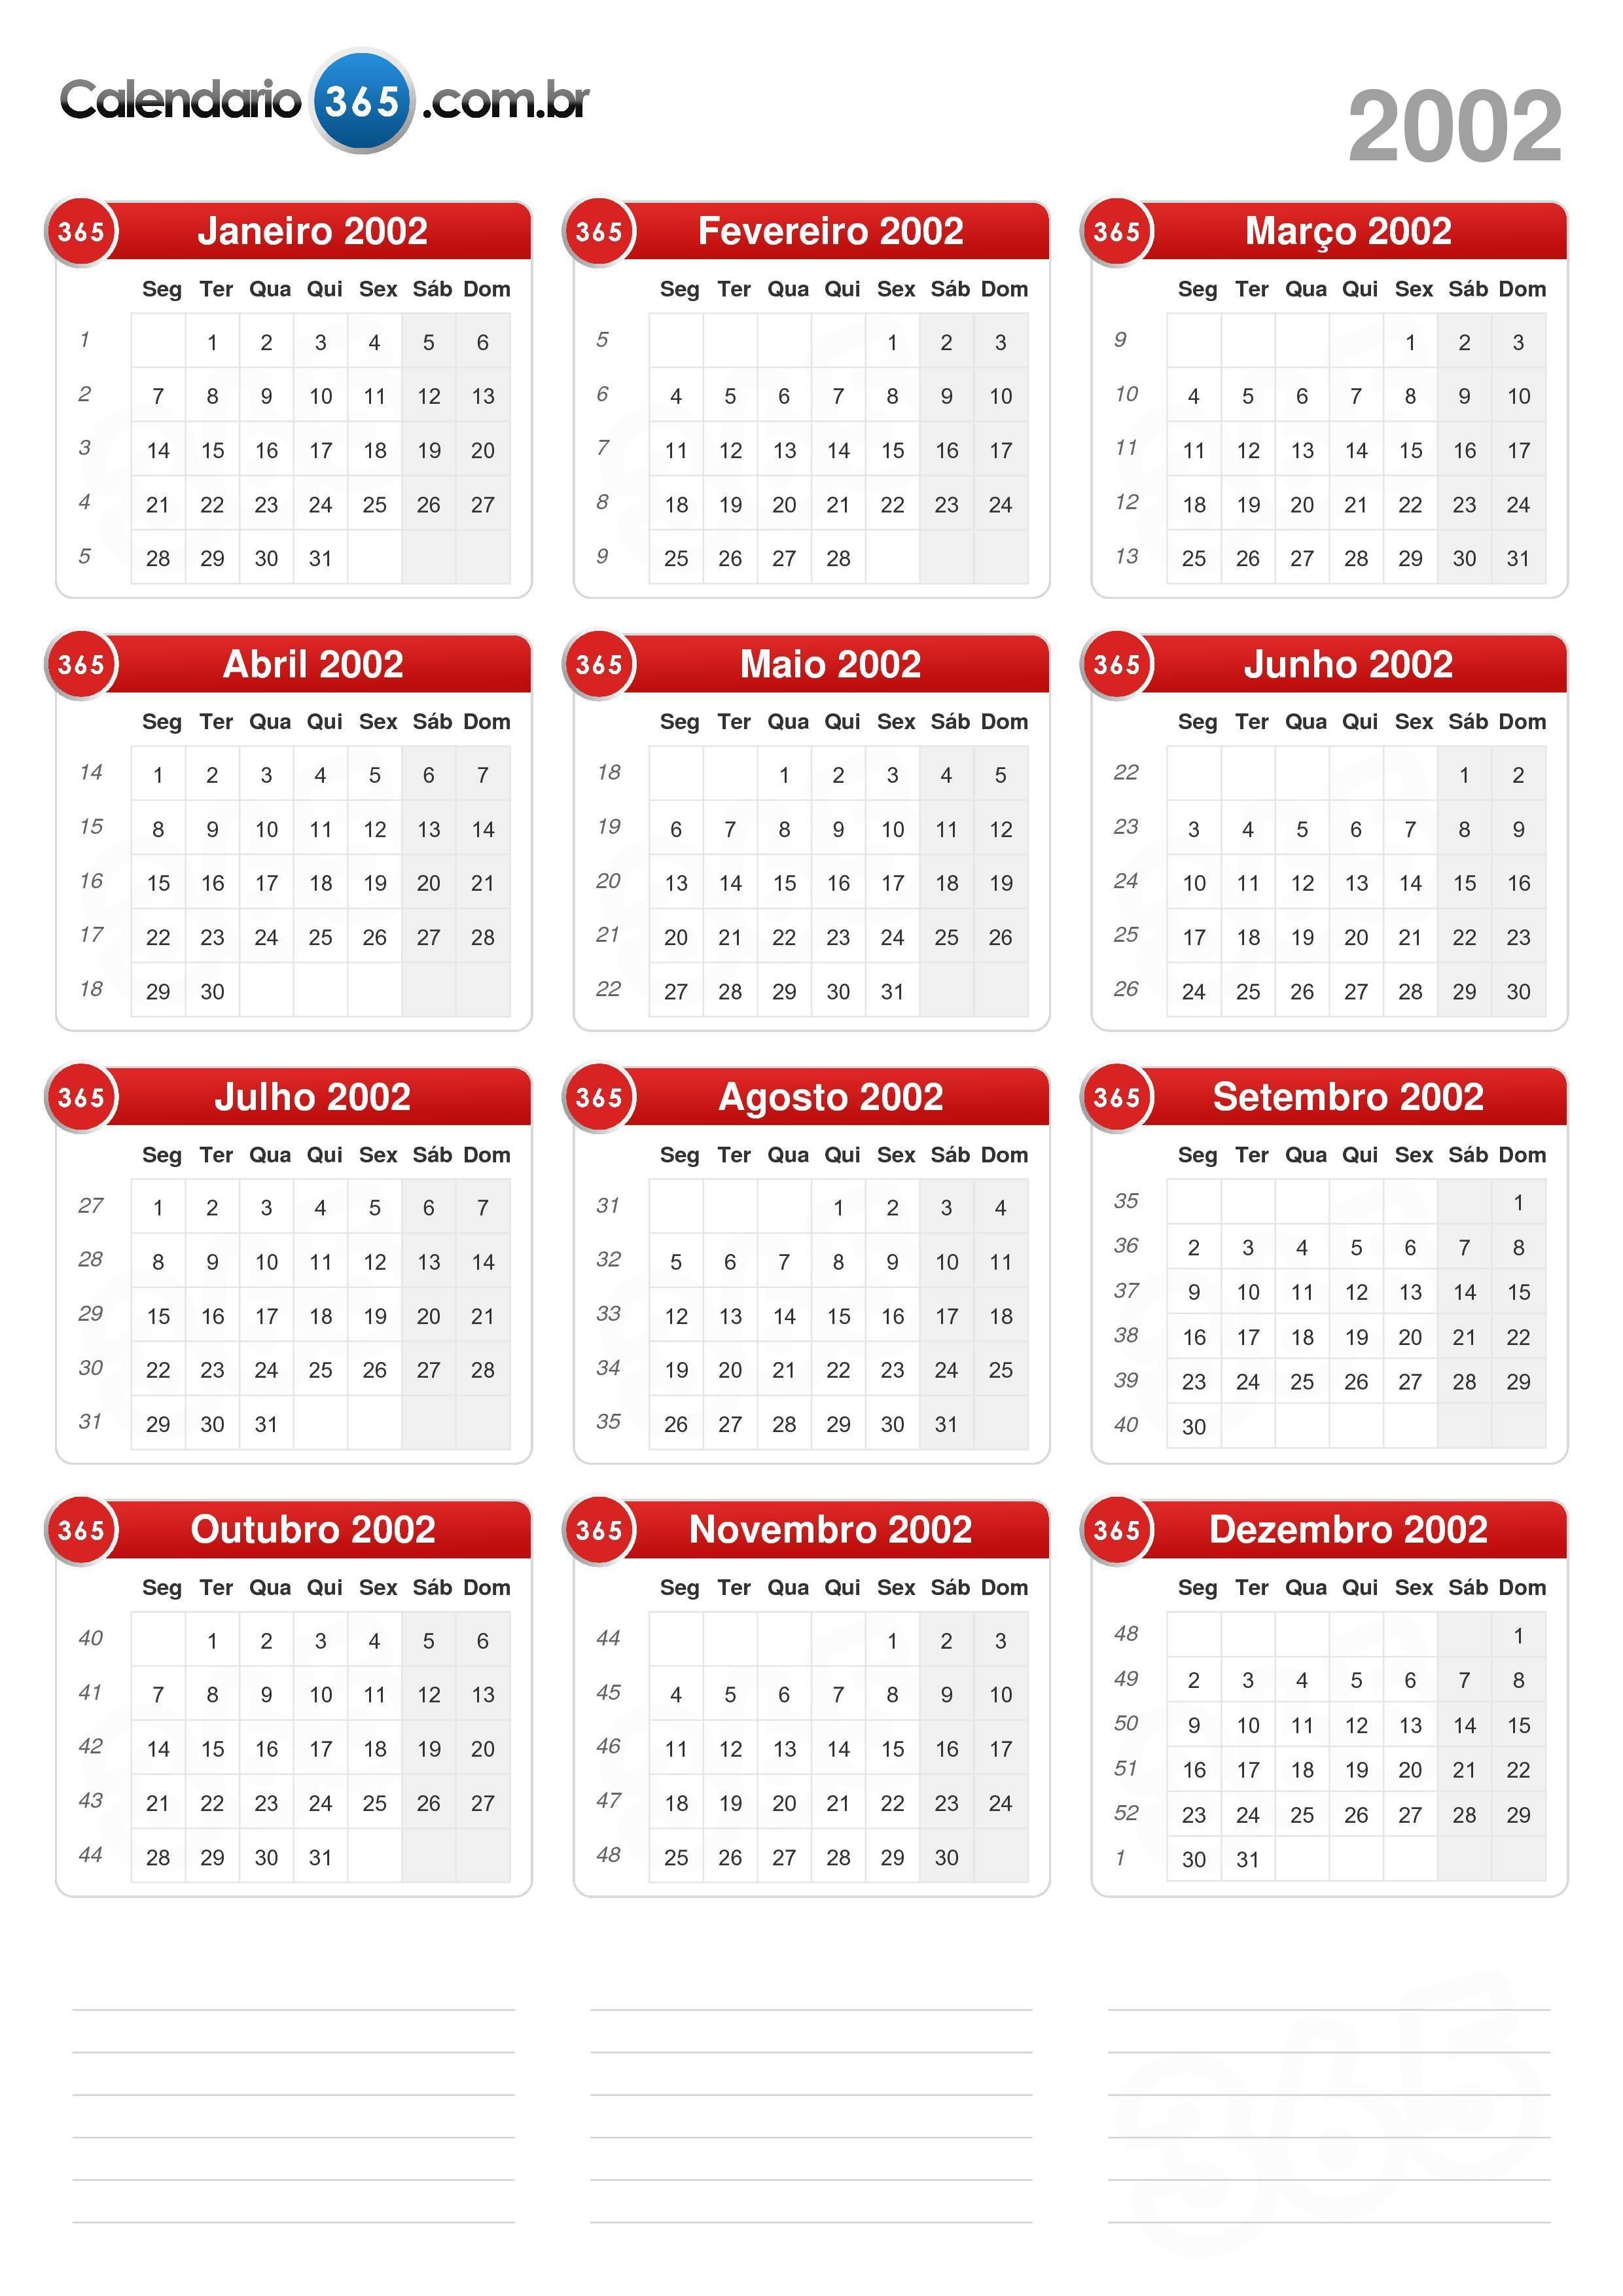 Calendário 2002 formato de retrato v2